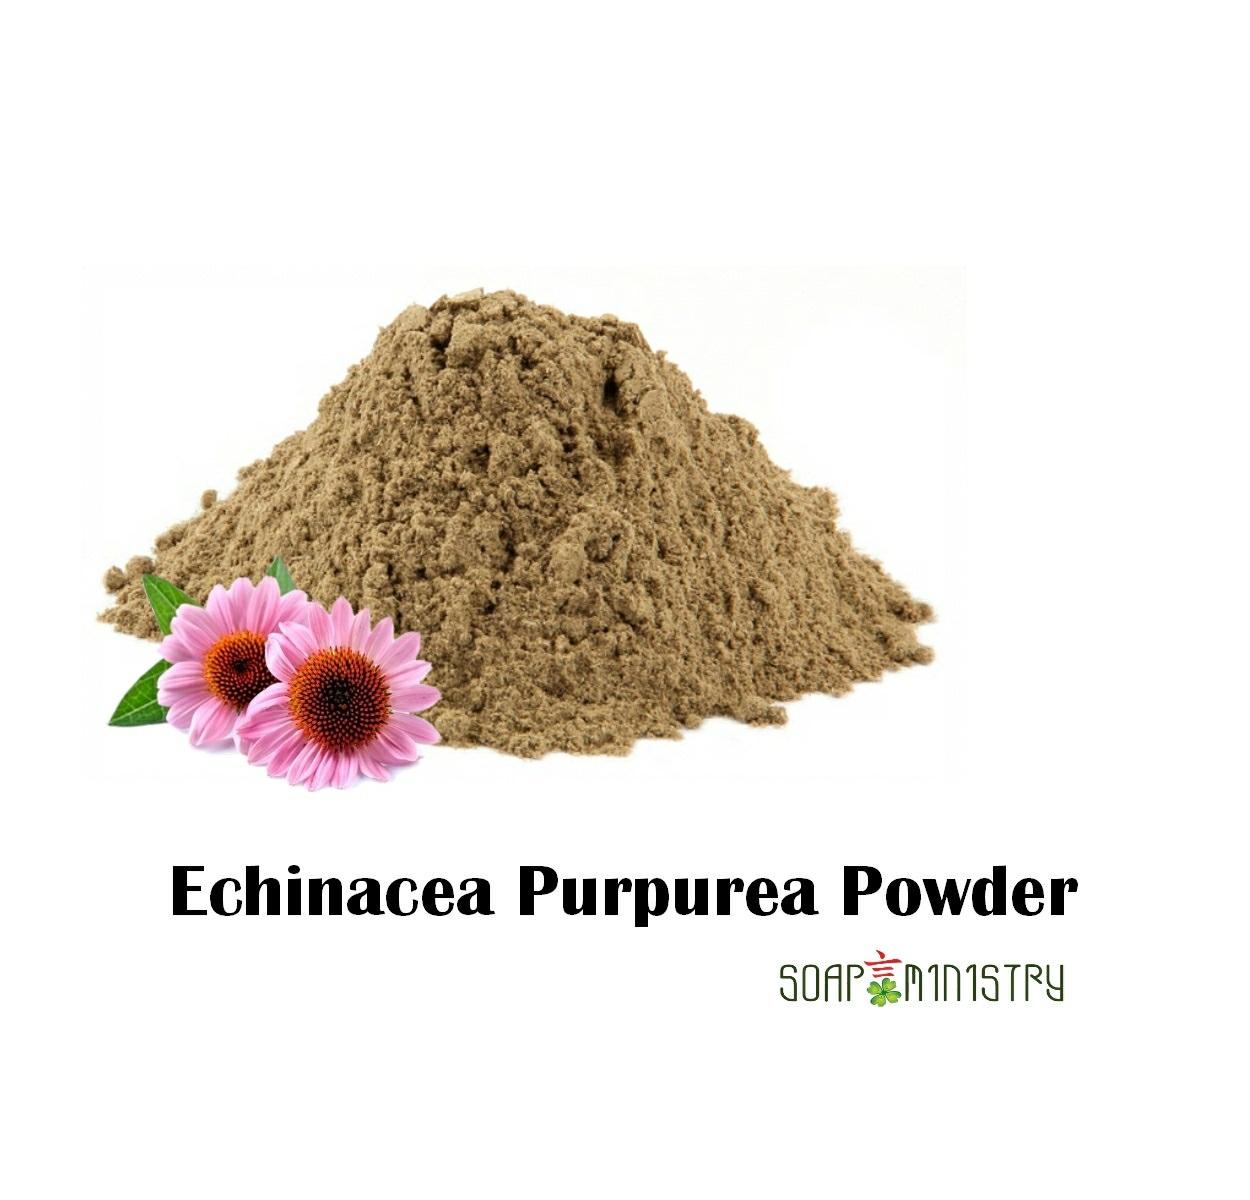 Echinacea Purpurea Powder